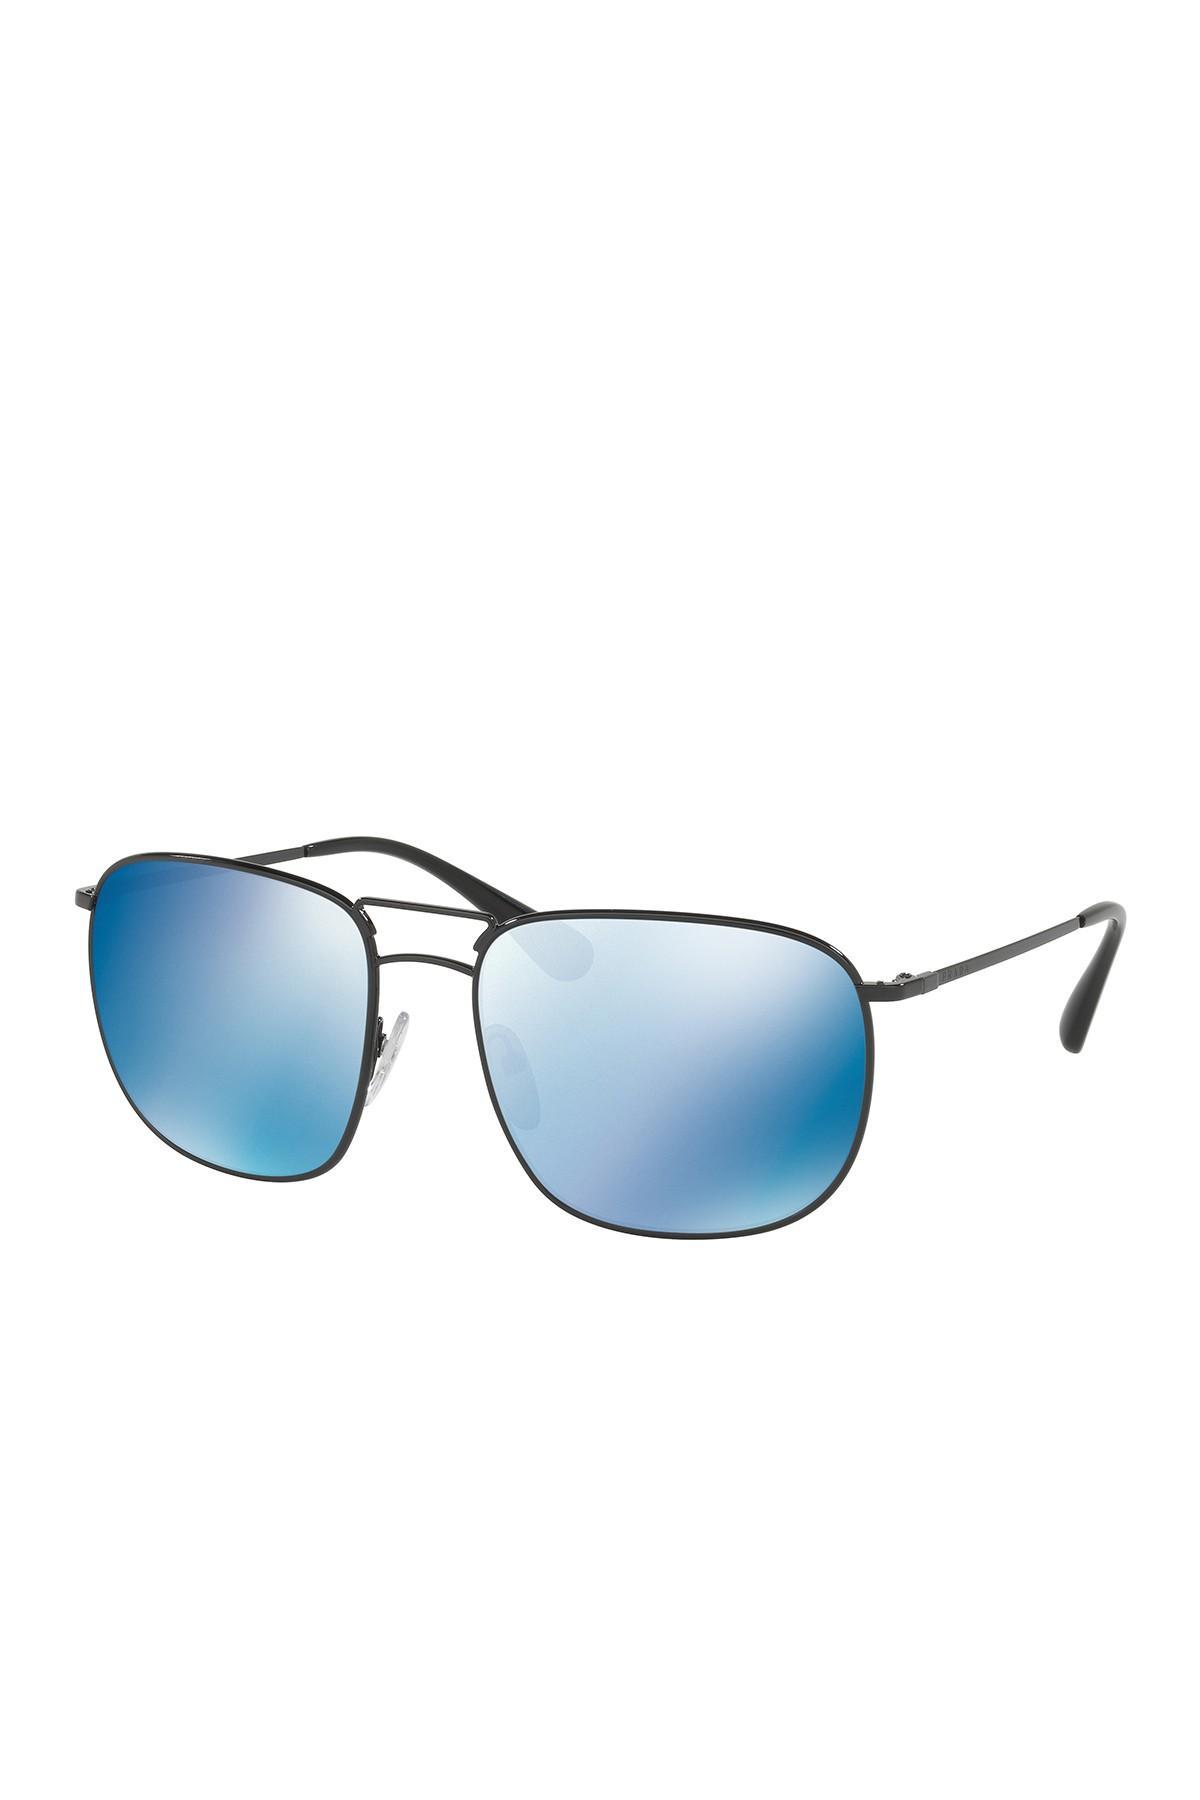 5ea6cbf3336d Prada - Black Pillow Conceptual 60mm Navigator Sunglasses for Men - Lyst.  View fullscreen